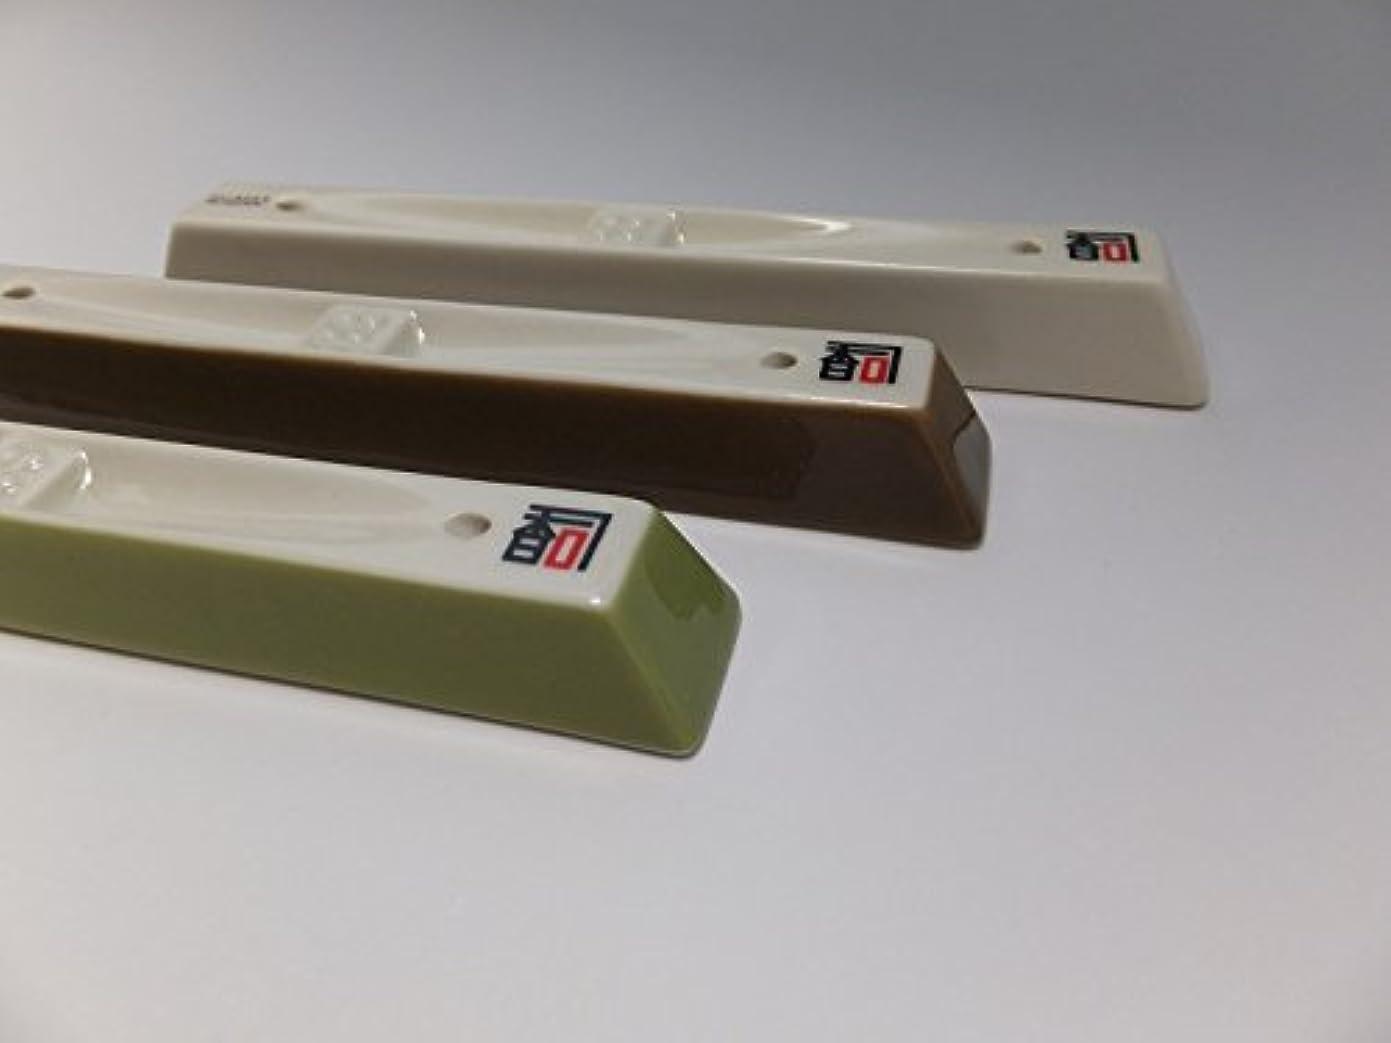 海外結婚式難しいあわじ島の香司 「香司オリジナル商品」 特製 香立 3種(緑?白?茶)